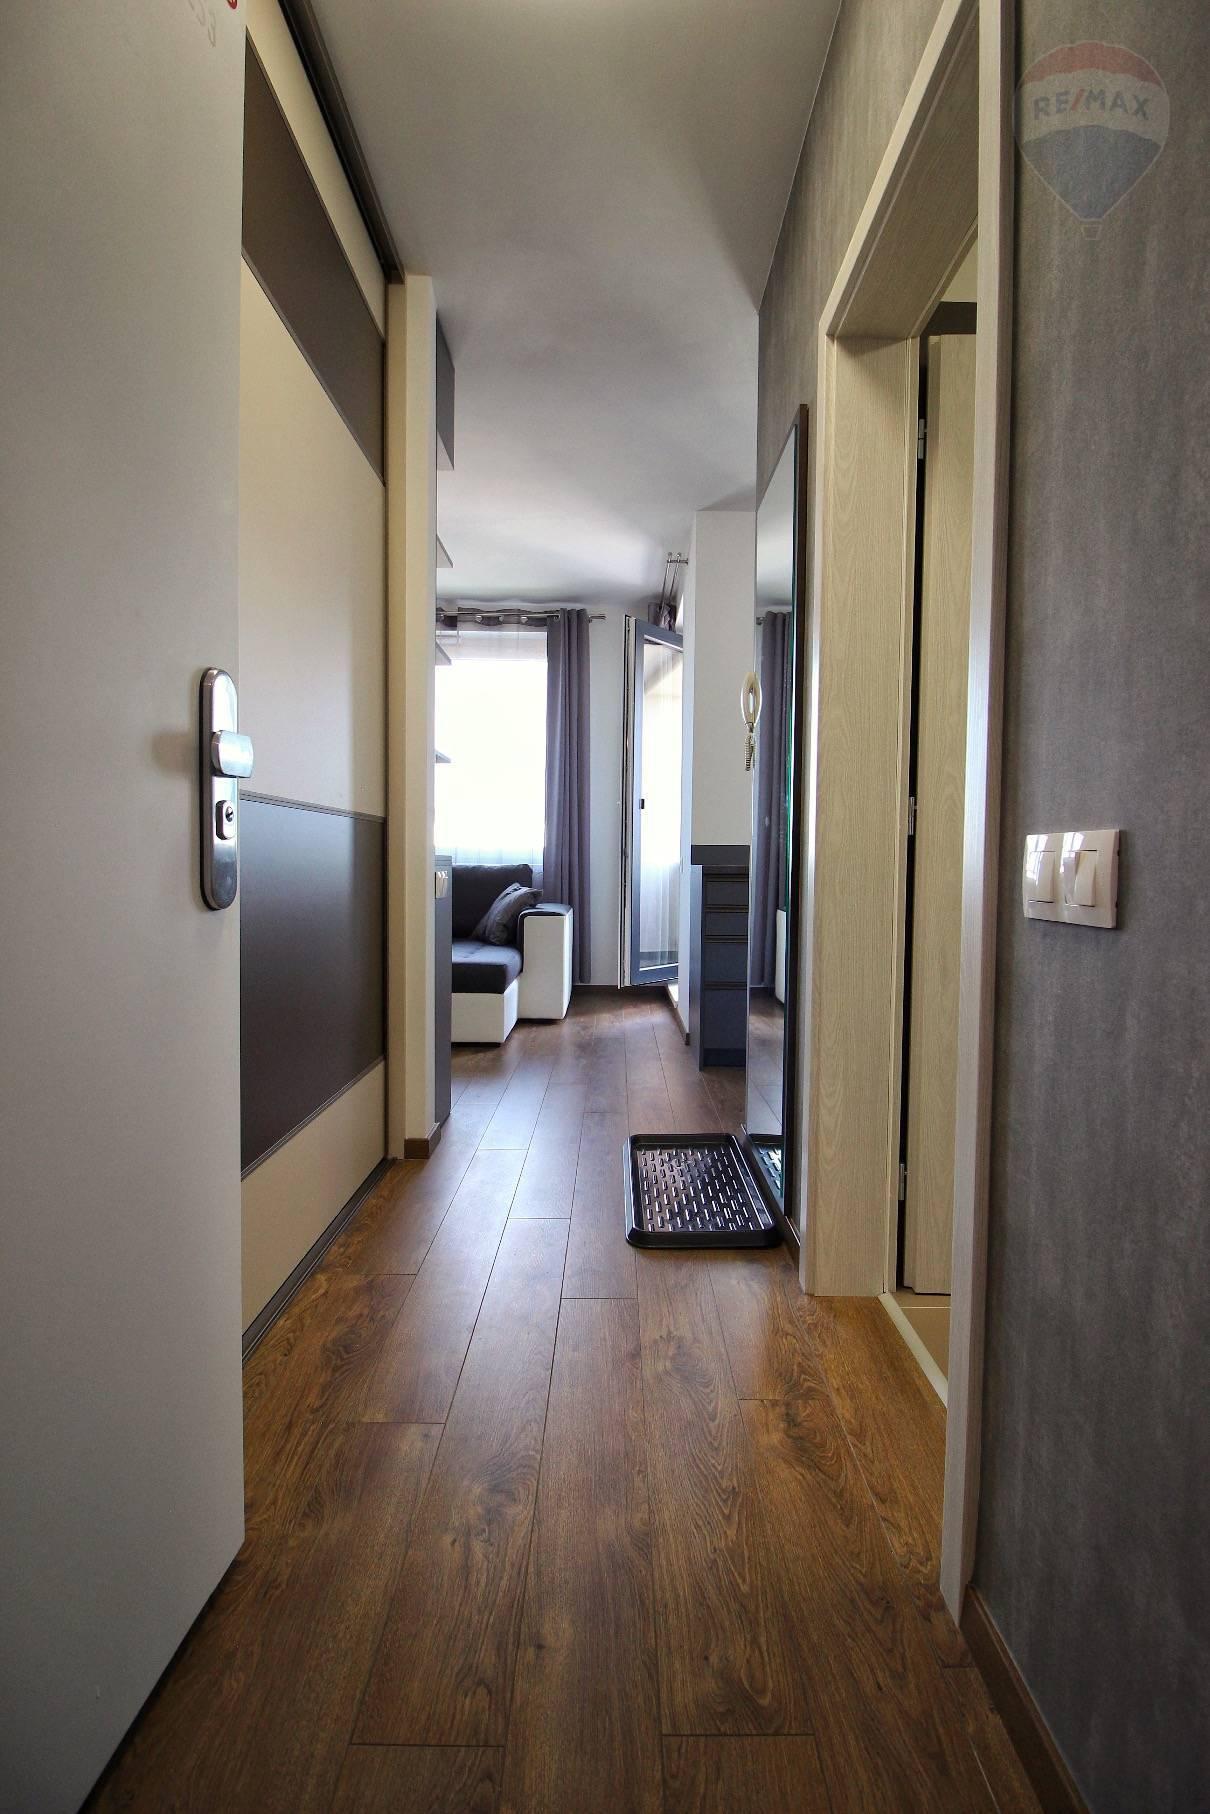 Prenájom bytu (2 izbový) 39 m2, Bratislava - Devínska Nová Ves - ŠTÝLOVÝ A MODERNÝ BYT V NOVOSTAVBE - EŠTE NEOBÝVANÝ - ZARIADENÝ - Bory Bývanie - Top ponuka - Vstup